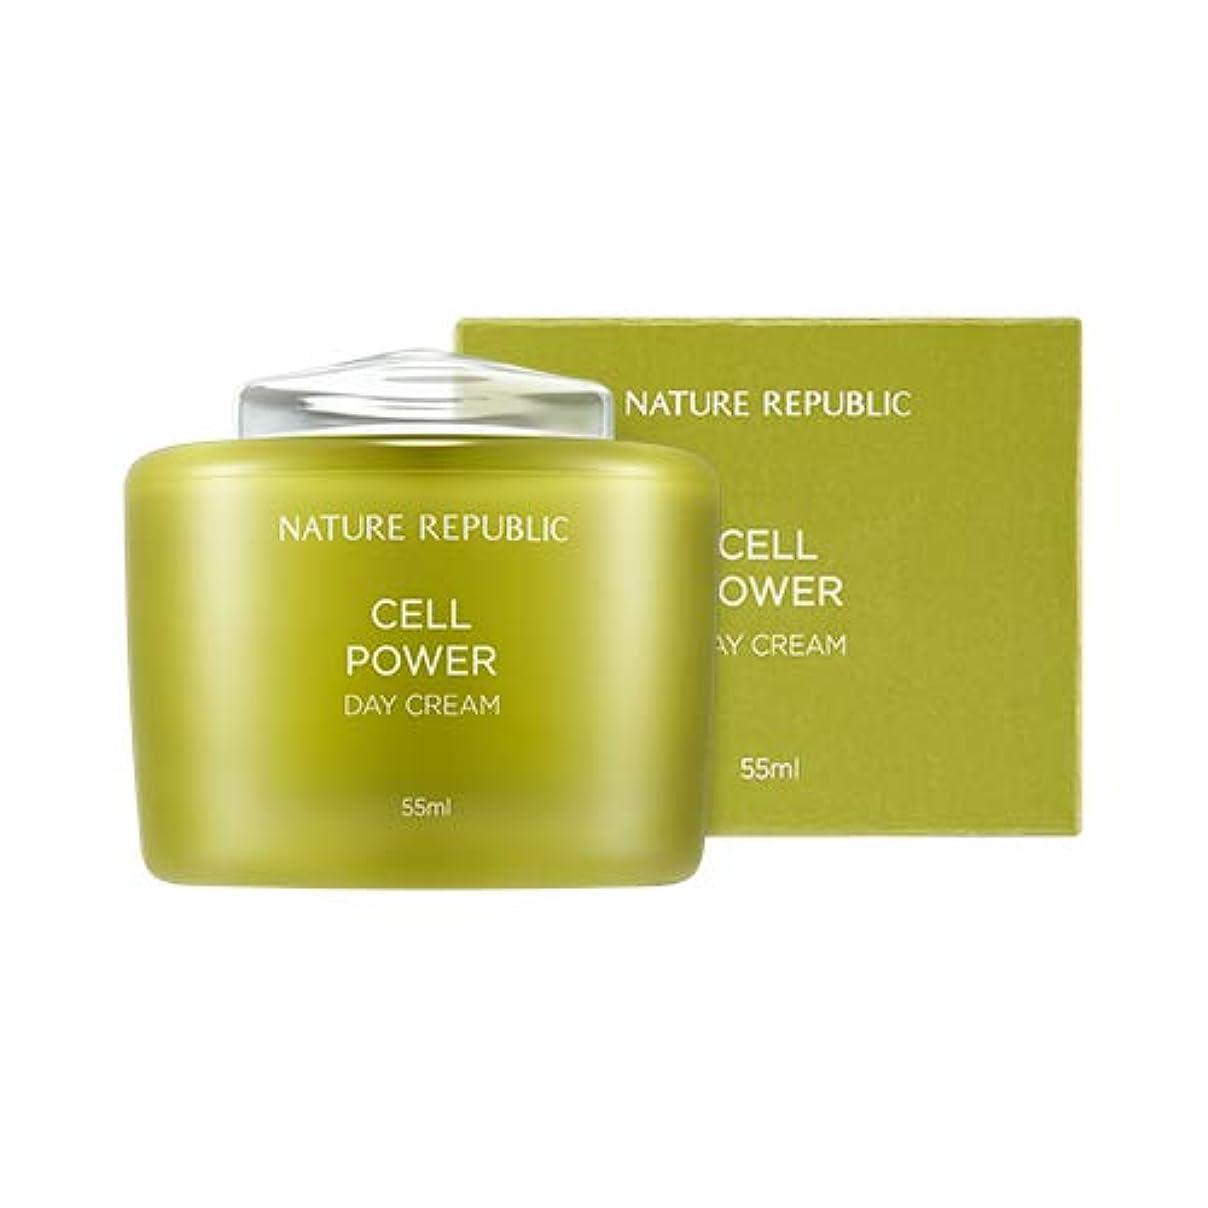 良さシャワー絡み合いNATURE REPUBLIC Cell Power Day Cream/ネイチャーリパブリック セルパワー デイクリーム 55ml [並行輸入品]